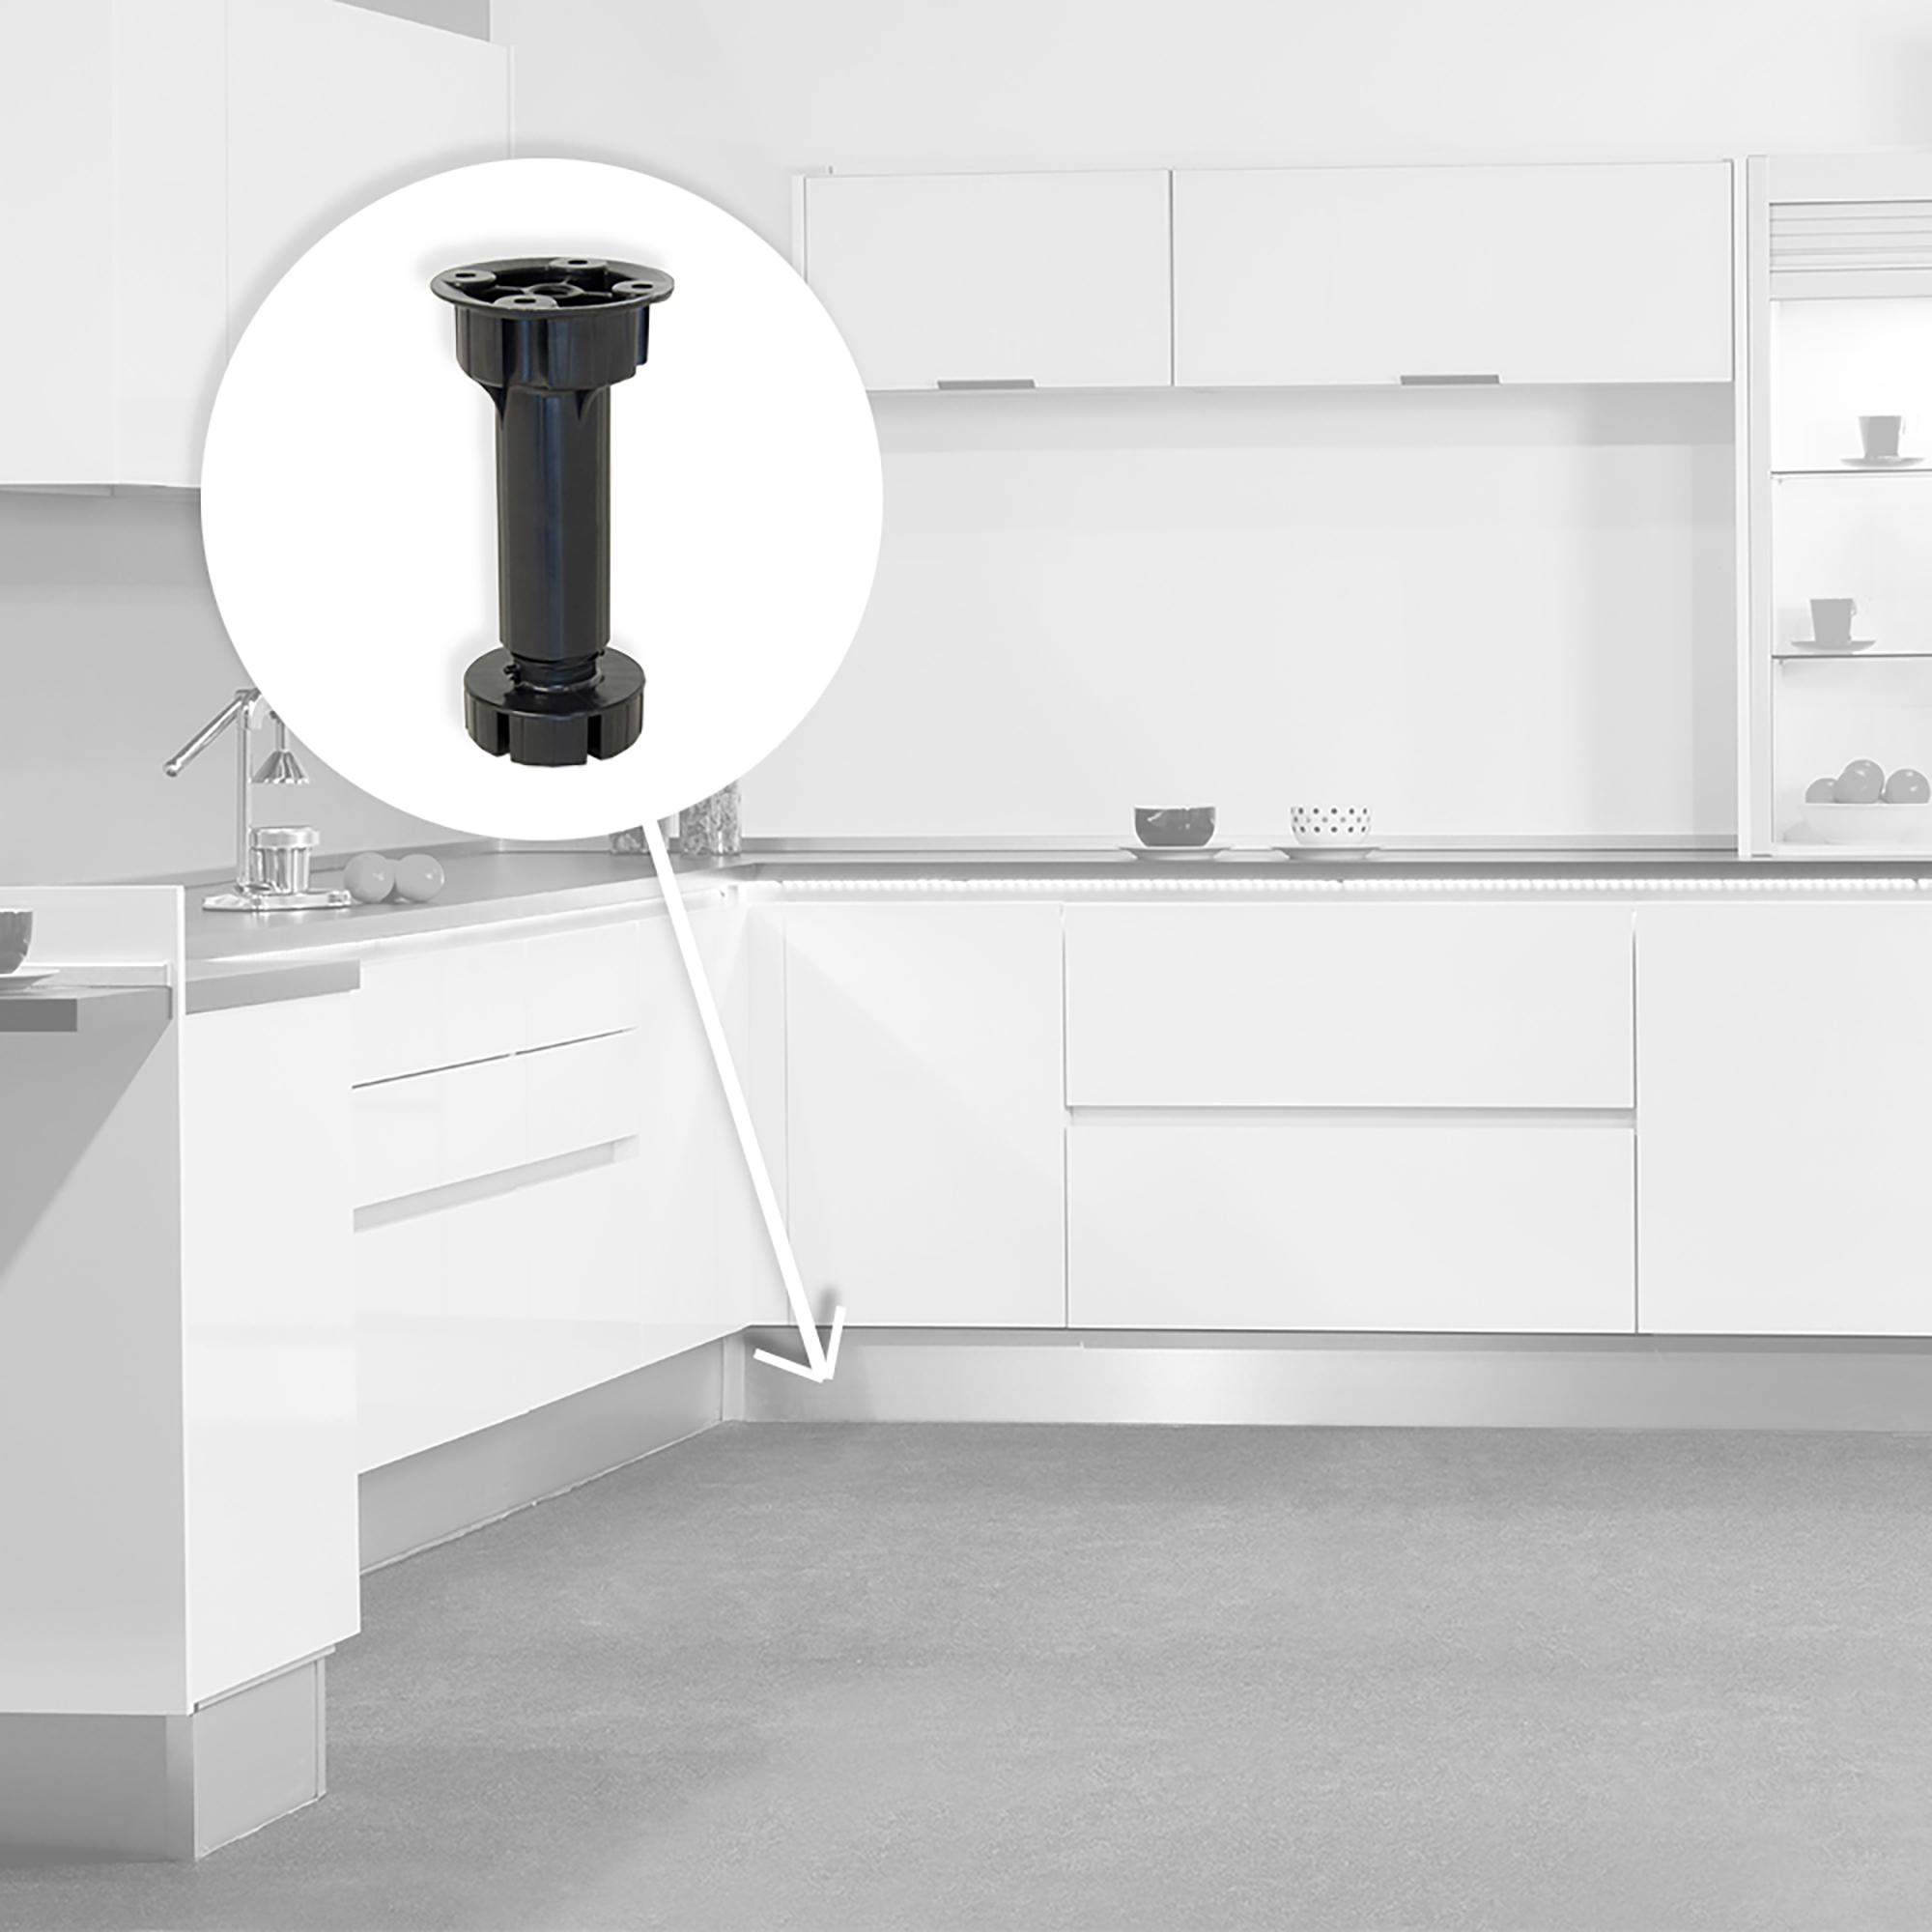 Emuca Piedino livellatore con base pre-assemblata per mobile, regolabile 98-115 mm, Plastica, Nero, 4 u.